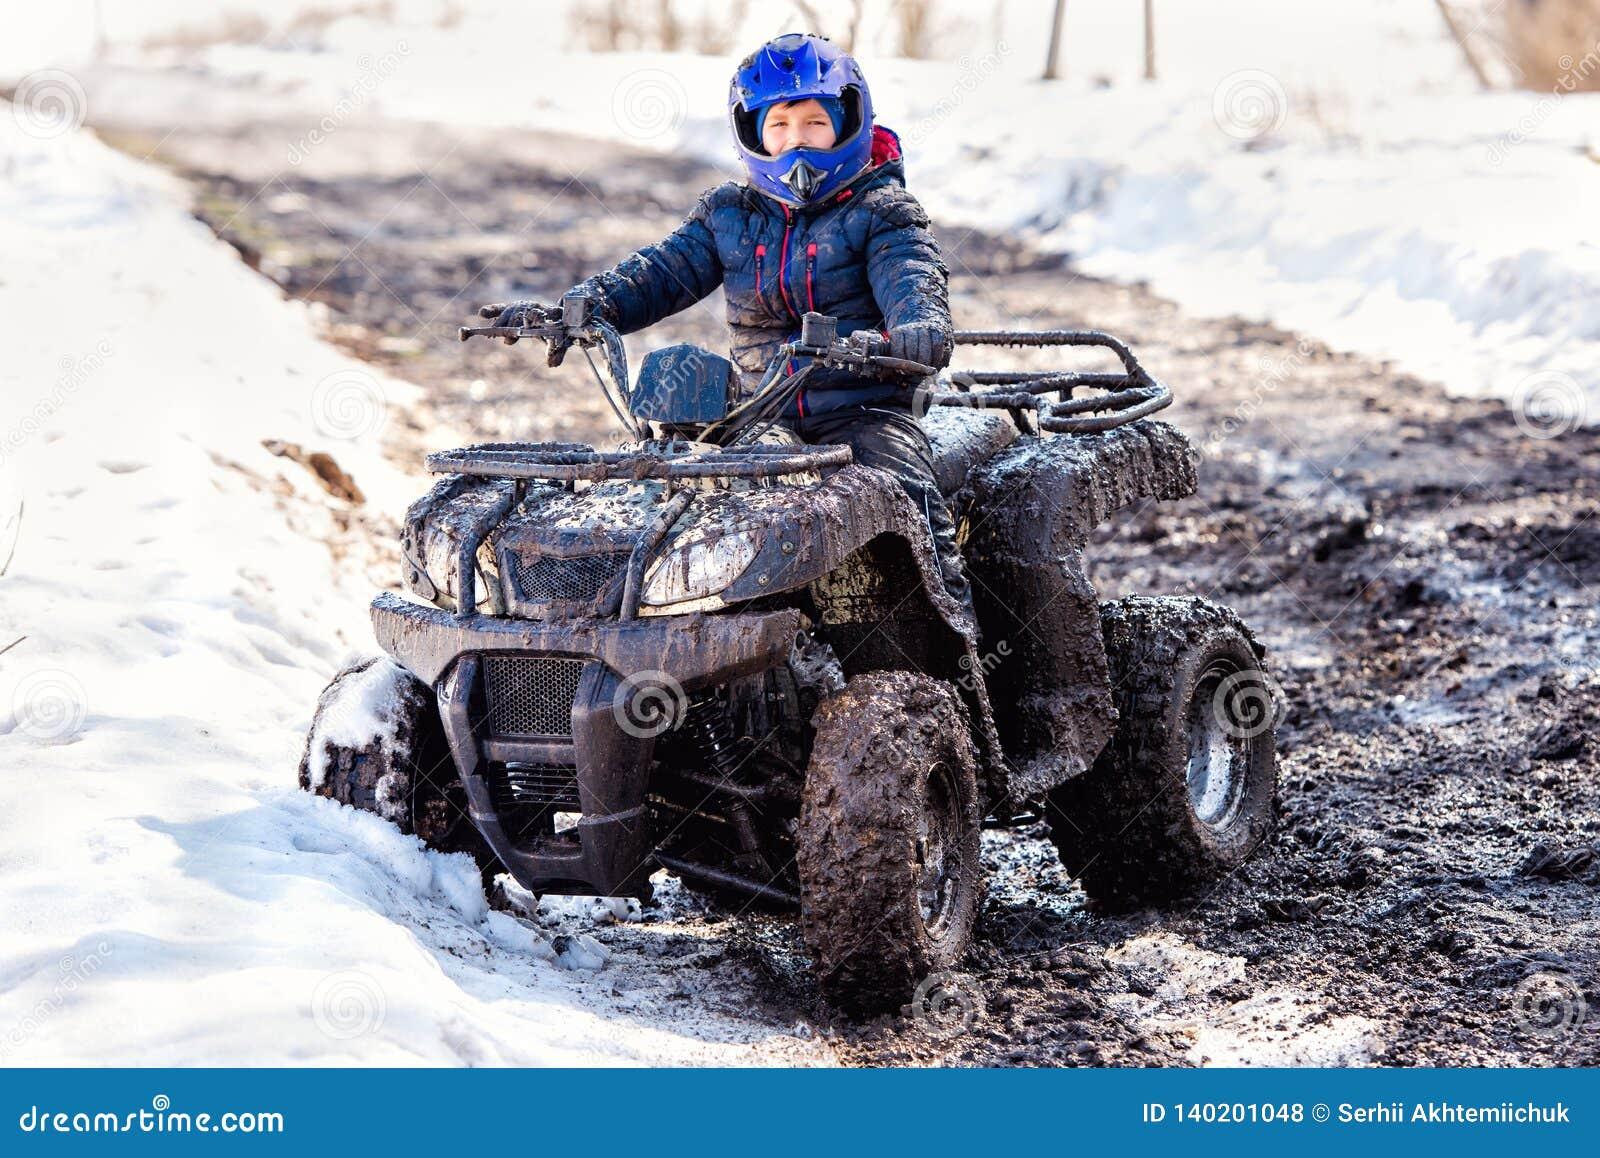 Der Junge reitet ein ATV nicht für den Straßenverkehr